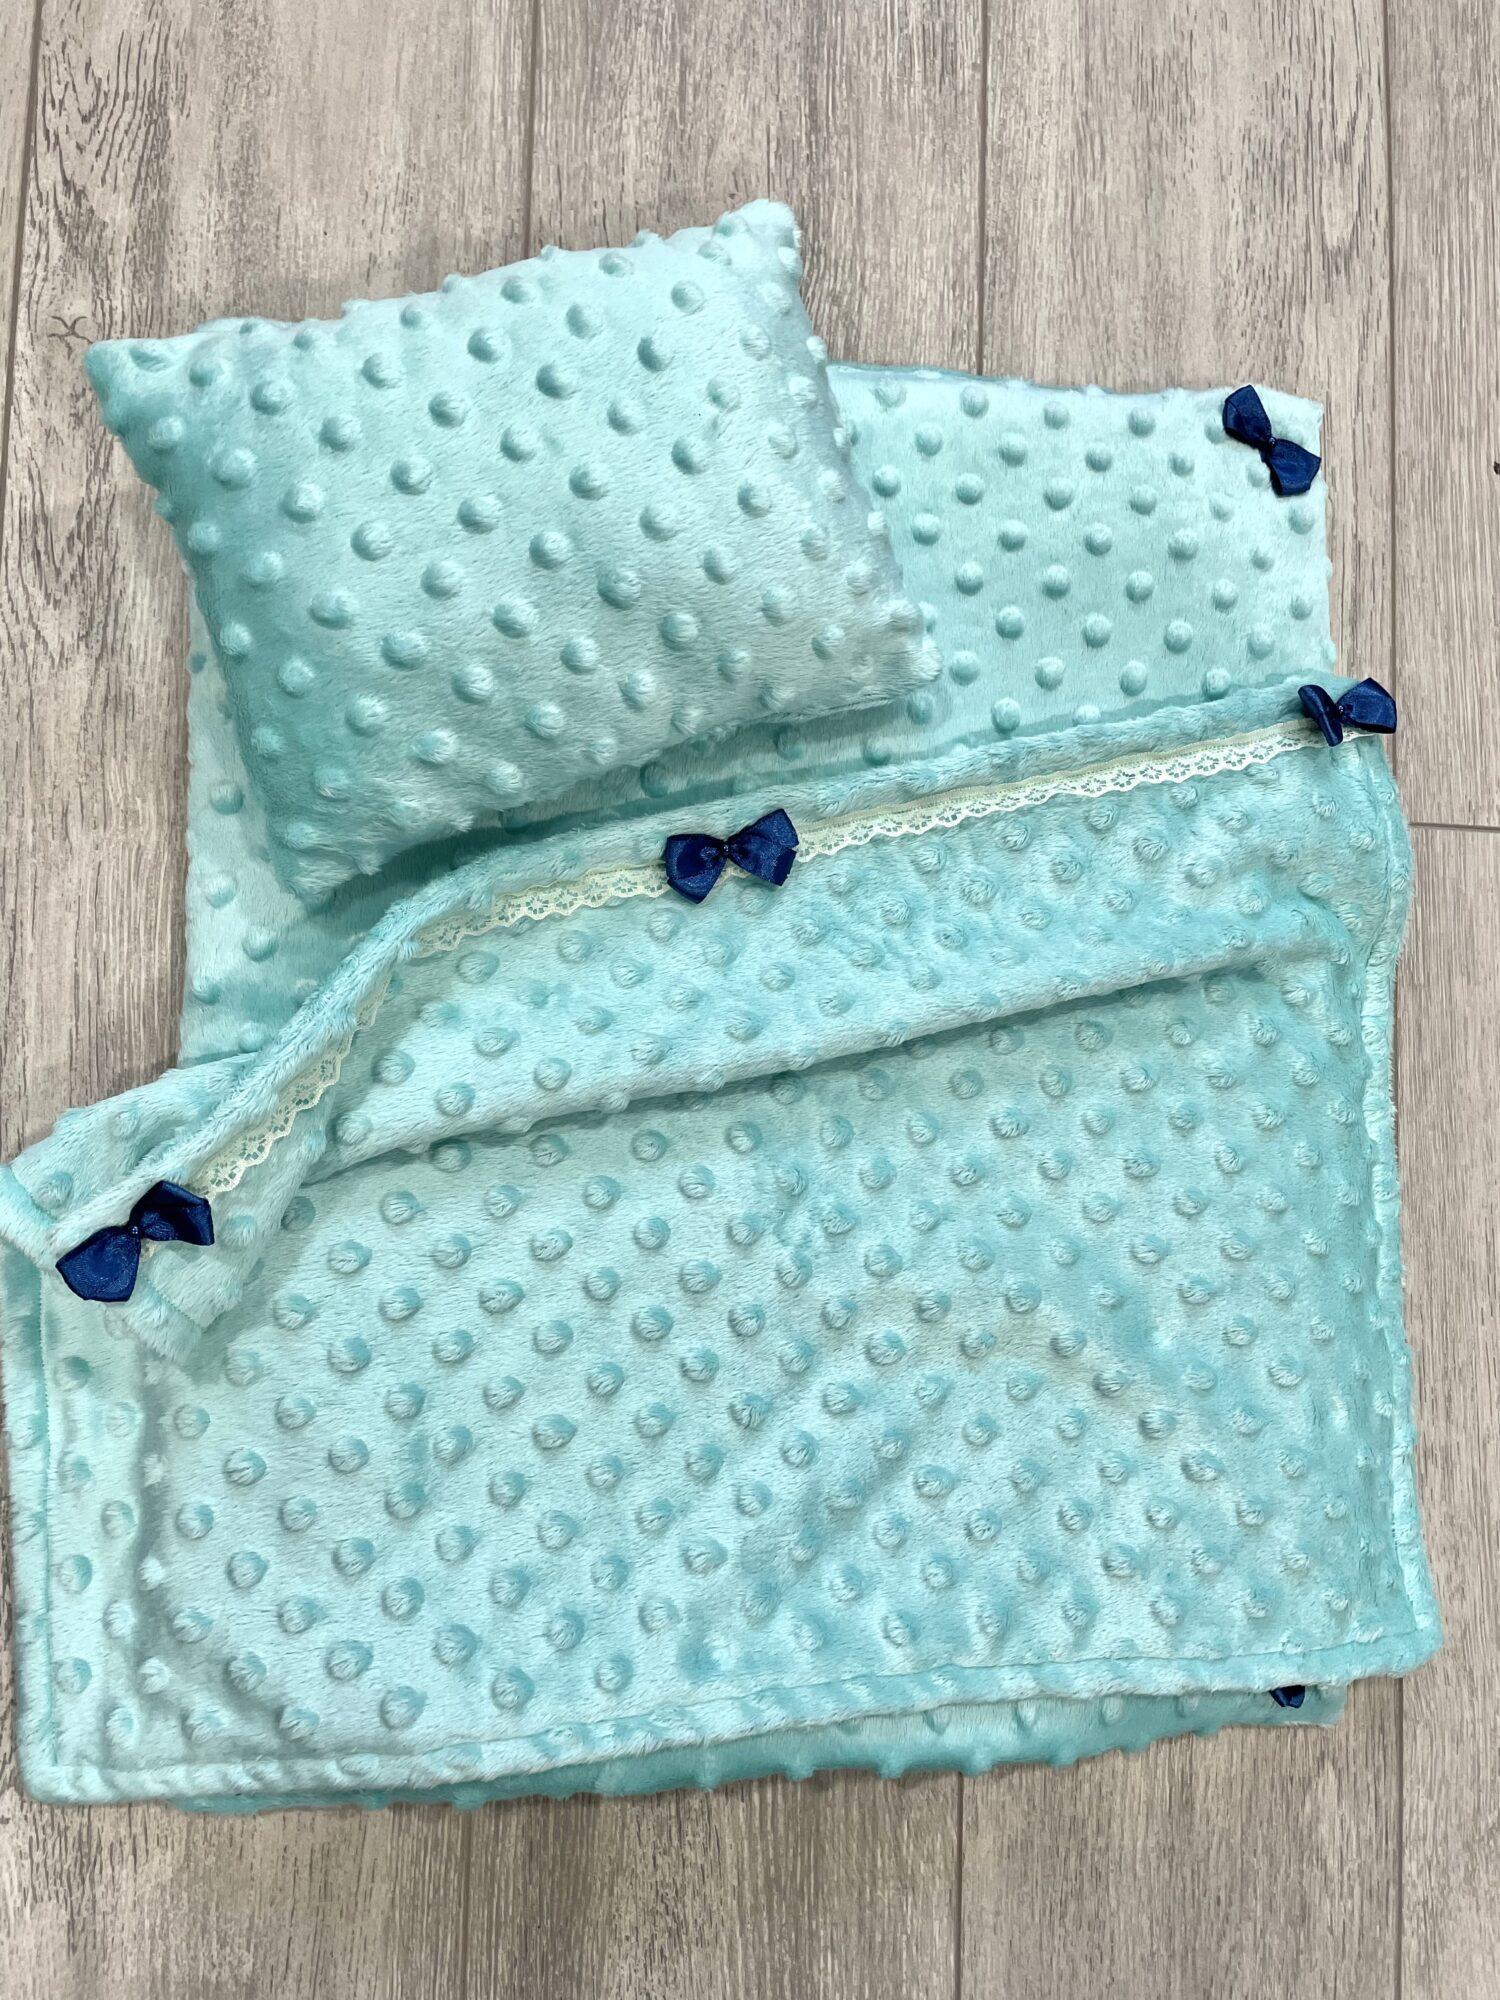 Мягкая постель для приятных снов: матрасик, подушечка, одеяло